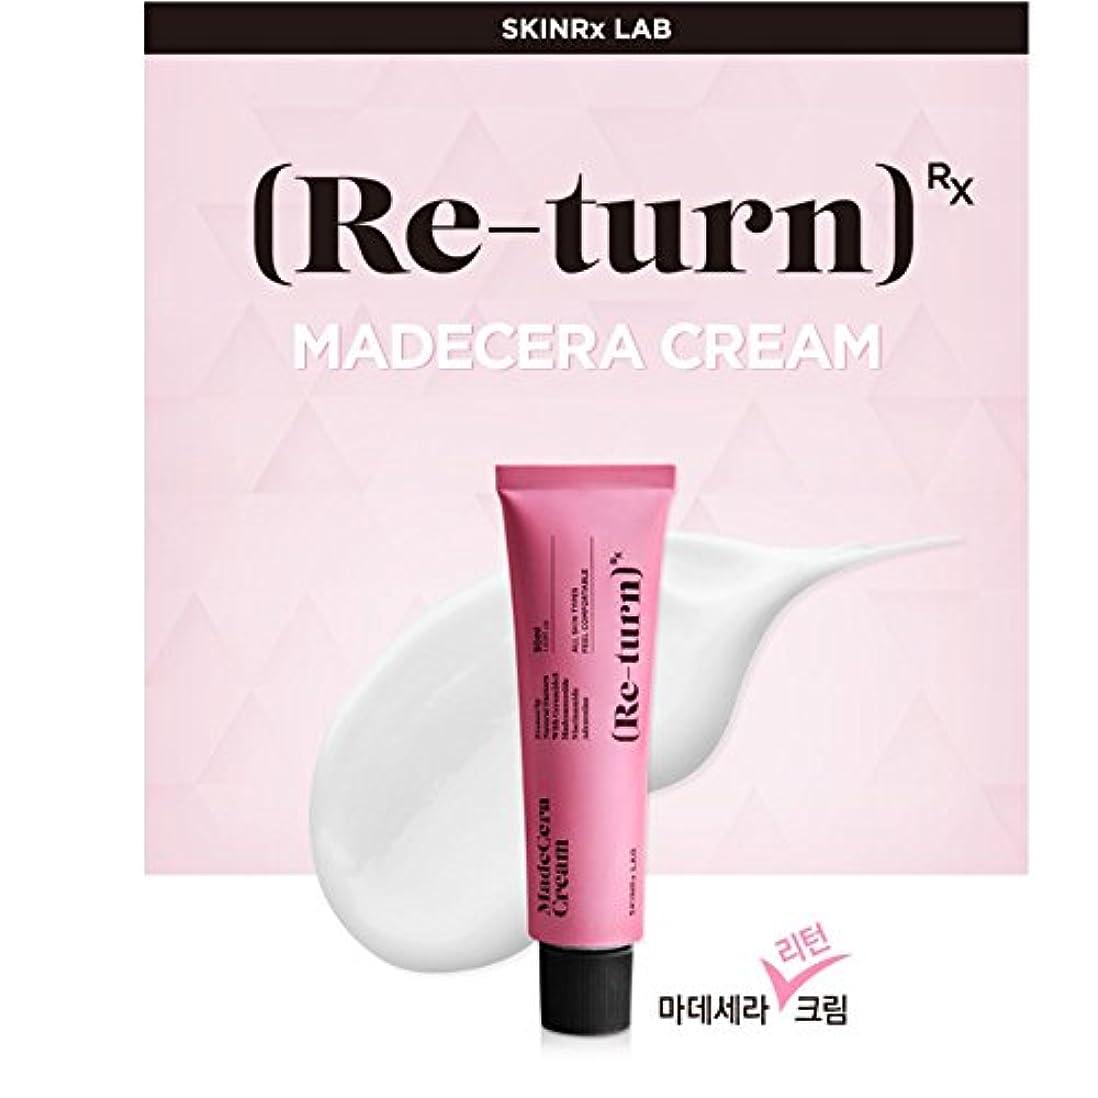 マトロン会計アラームスキンアルエクスラップ マデセラ リターン クリーム 50ml / SKINRxLAB MadeCera Re-turn Cream 50ml (1.69oz)